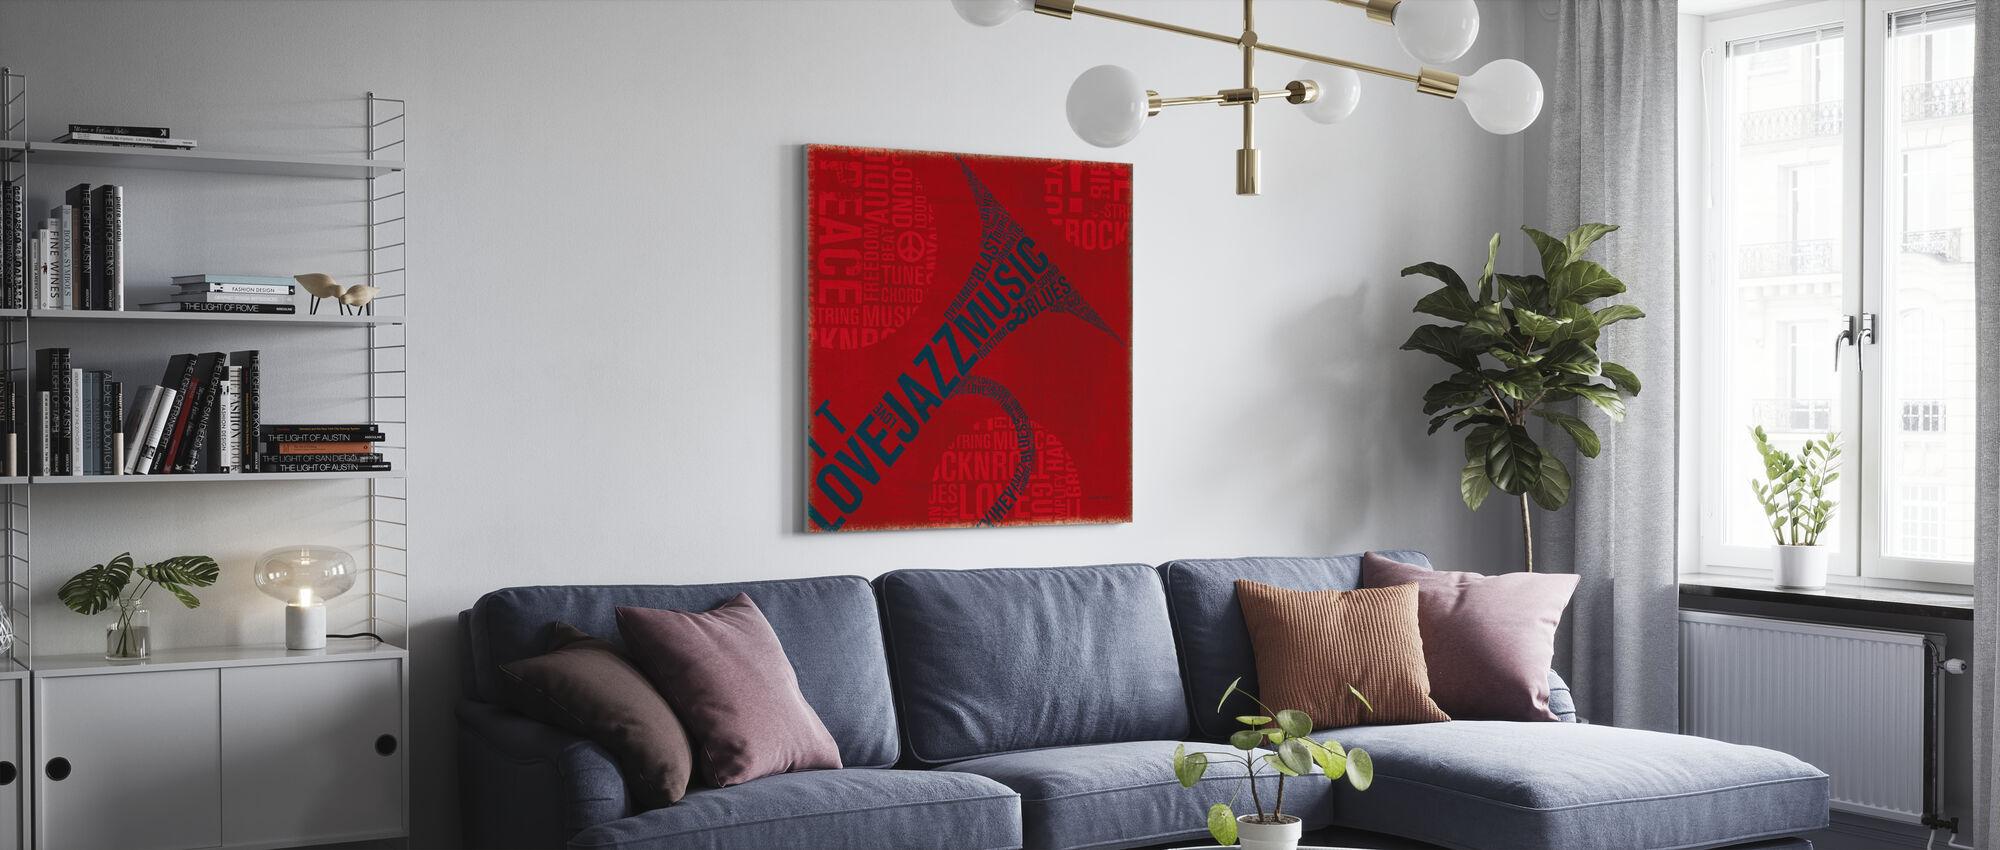 Type Trompet Vierkant - Canvas print - Woonkamer